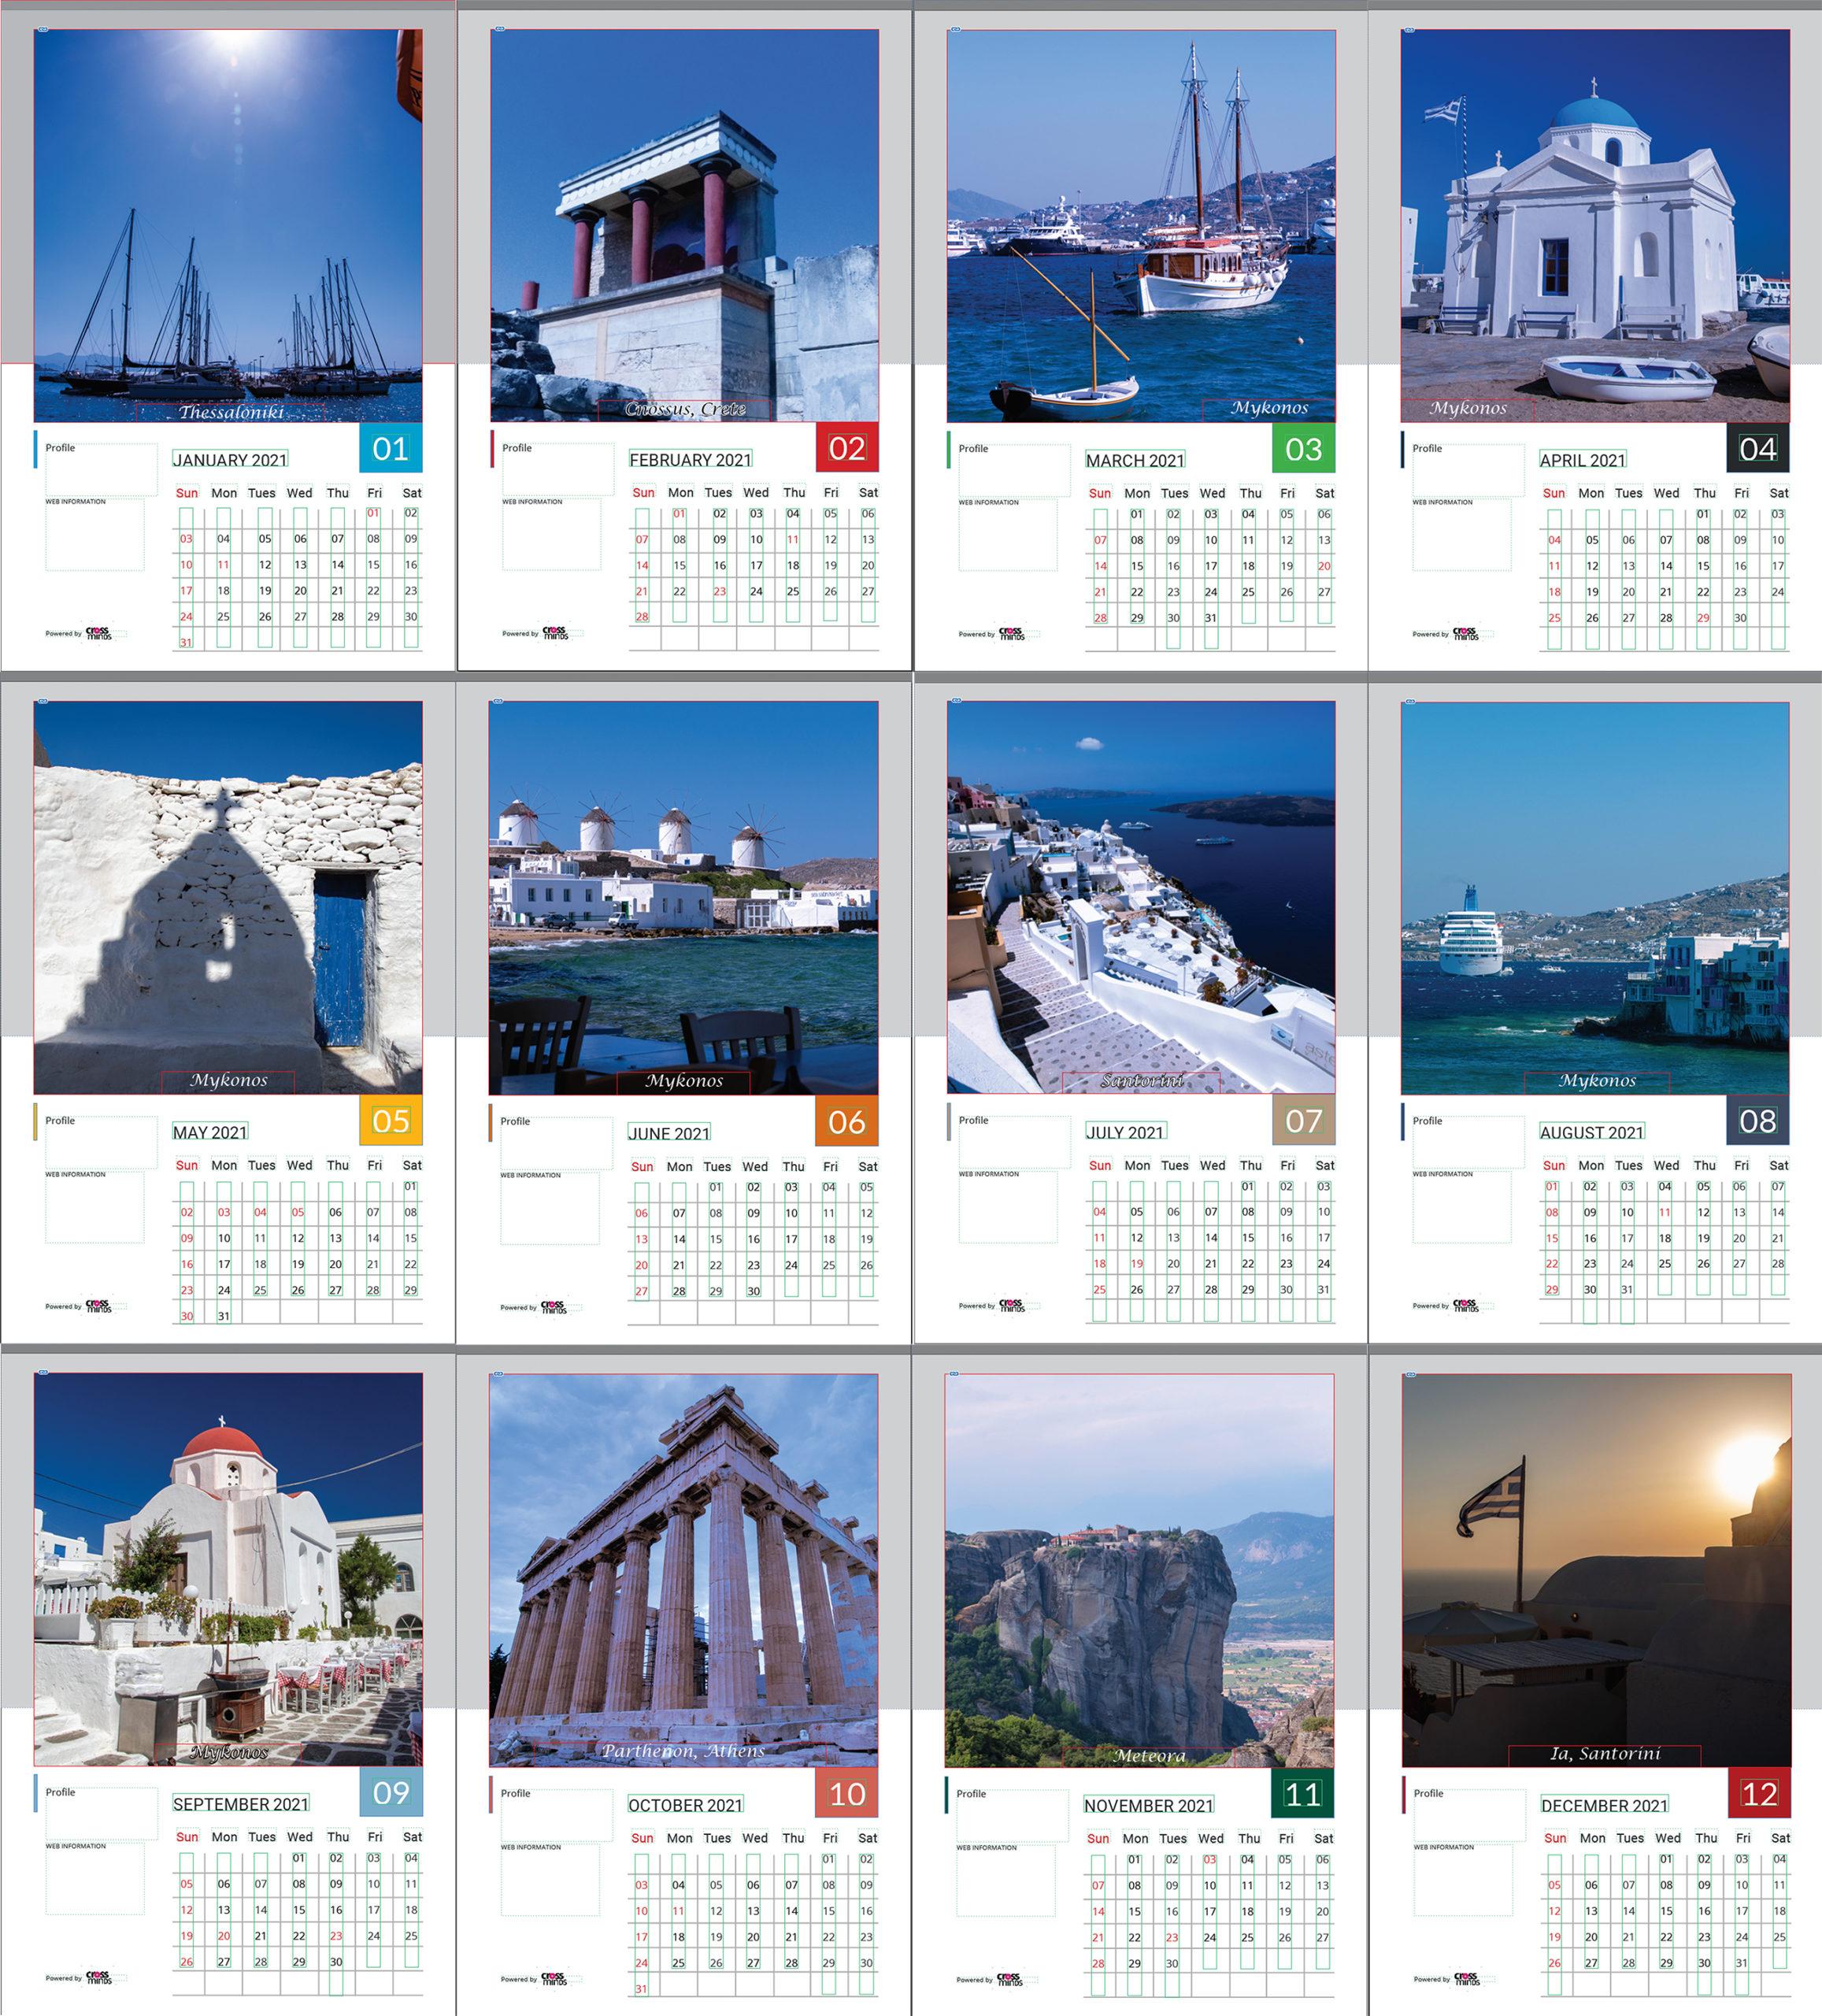 ギリシャカレンダー 2021年